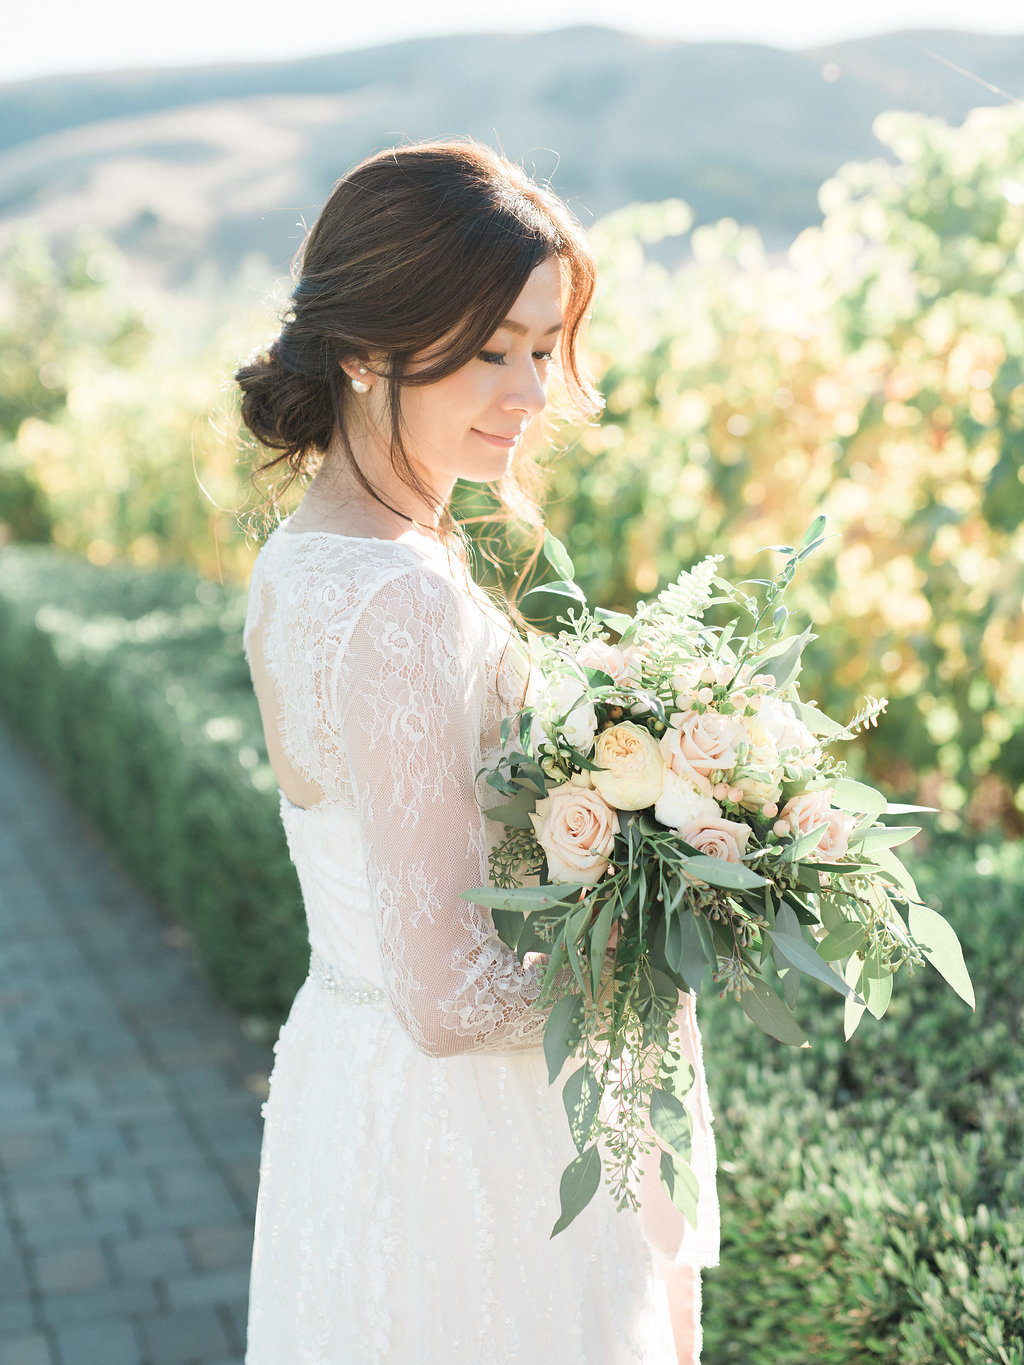 https://www.bhldn.com/shop-the-bride-wedding-dresses/forte-gown/productOptionIDS/fbcaeb8b-b90b-4e9a-9313-32da085940dd